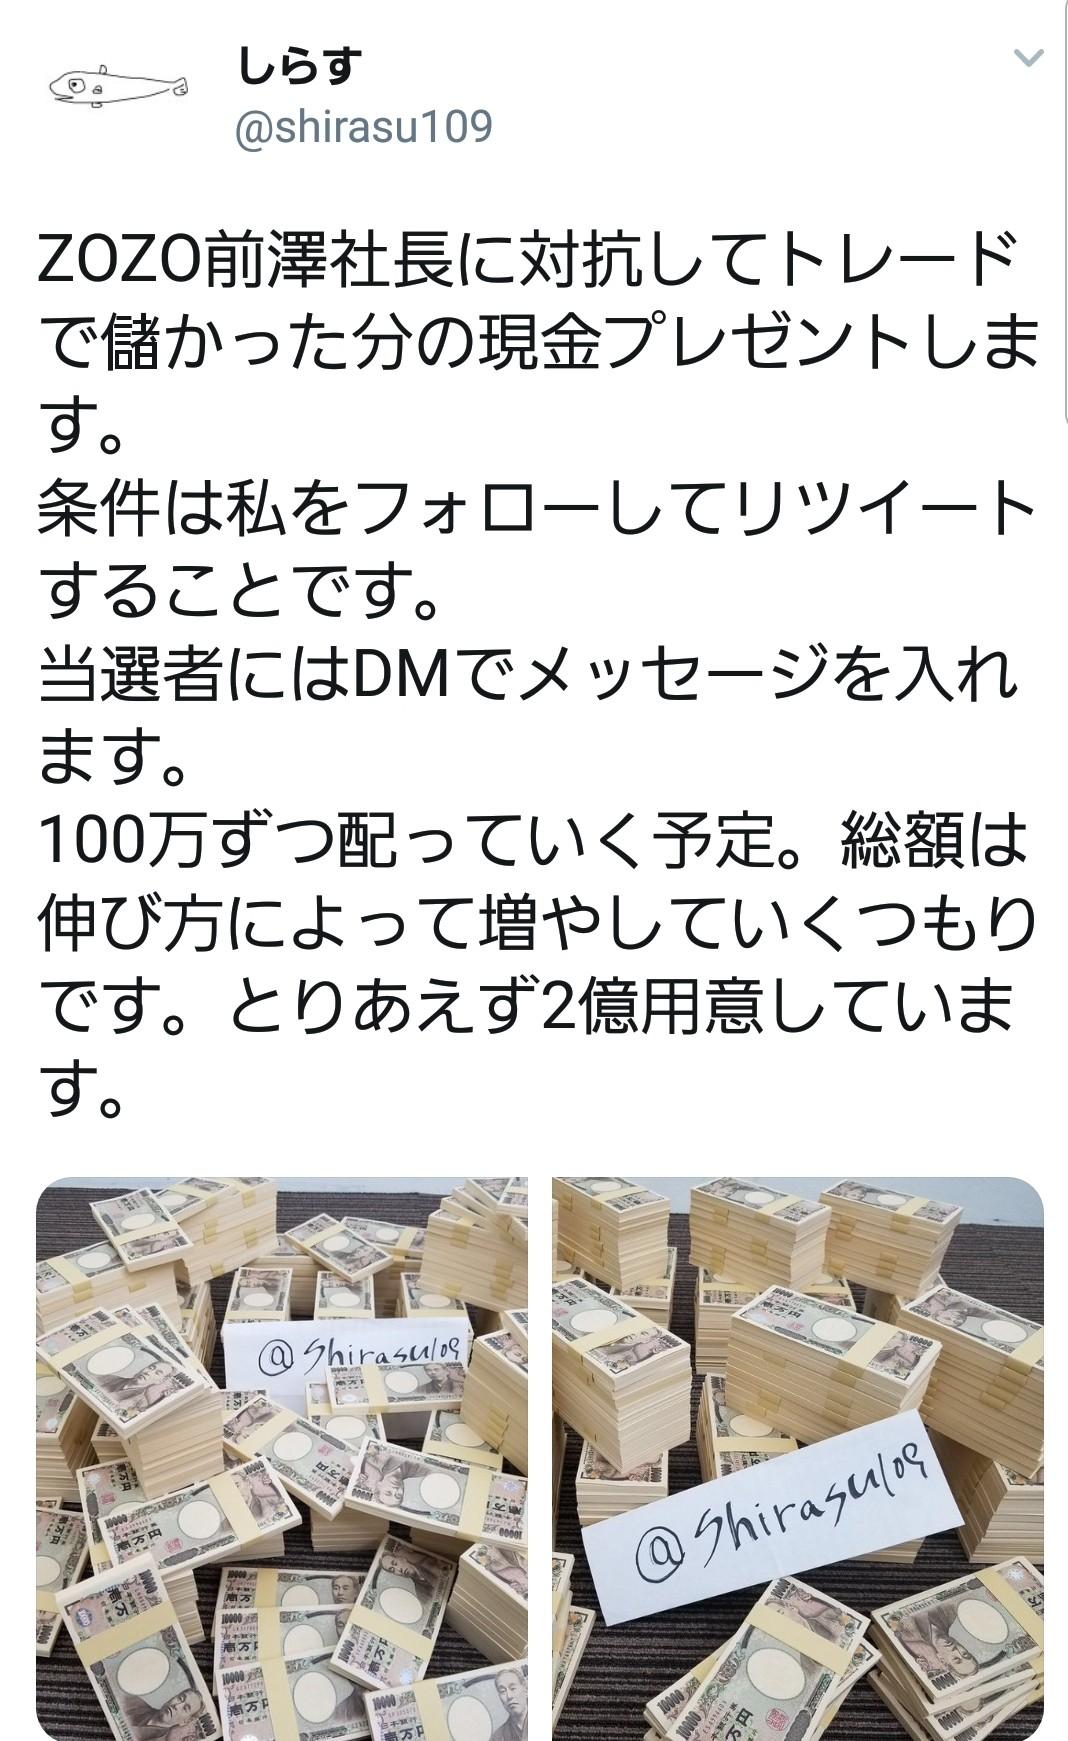 【Sad news】 ZOZO Account competing against Masawazawa Lots will occur wwwwwwwwwwww